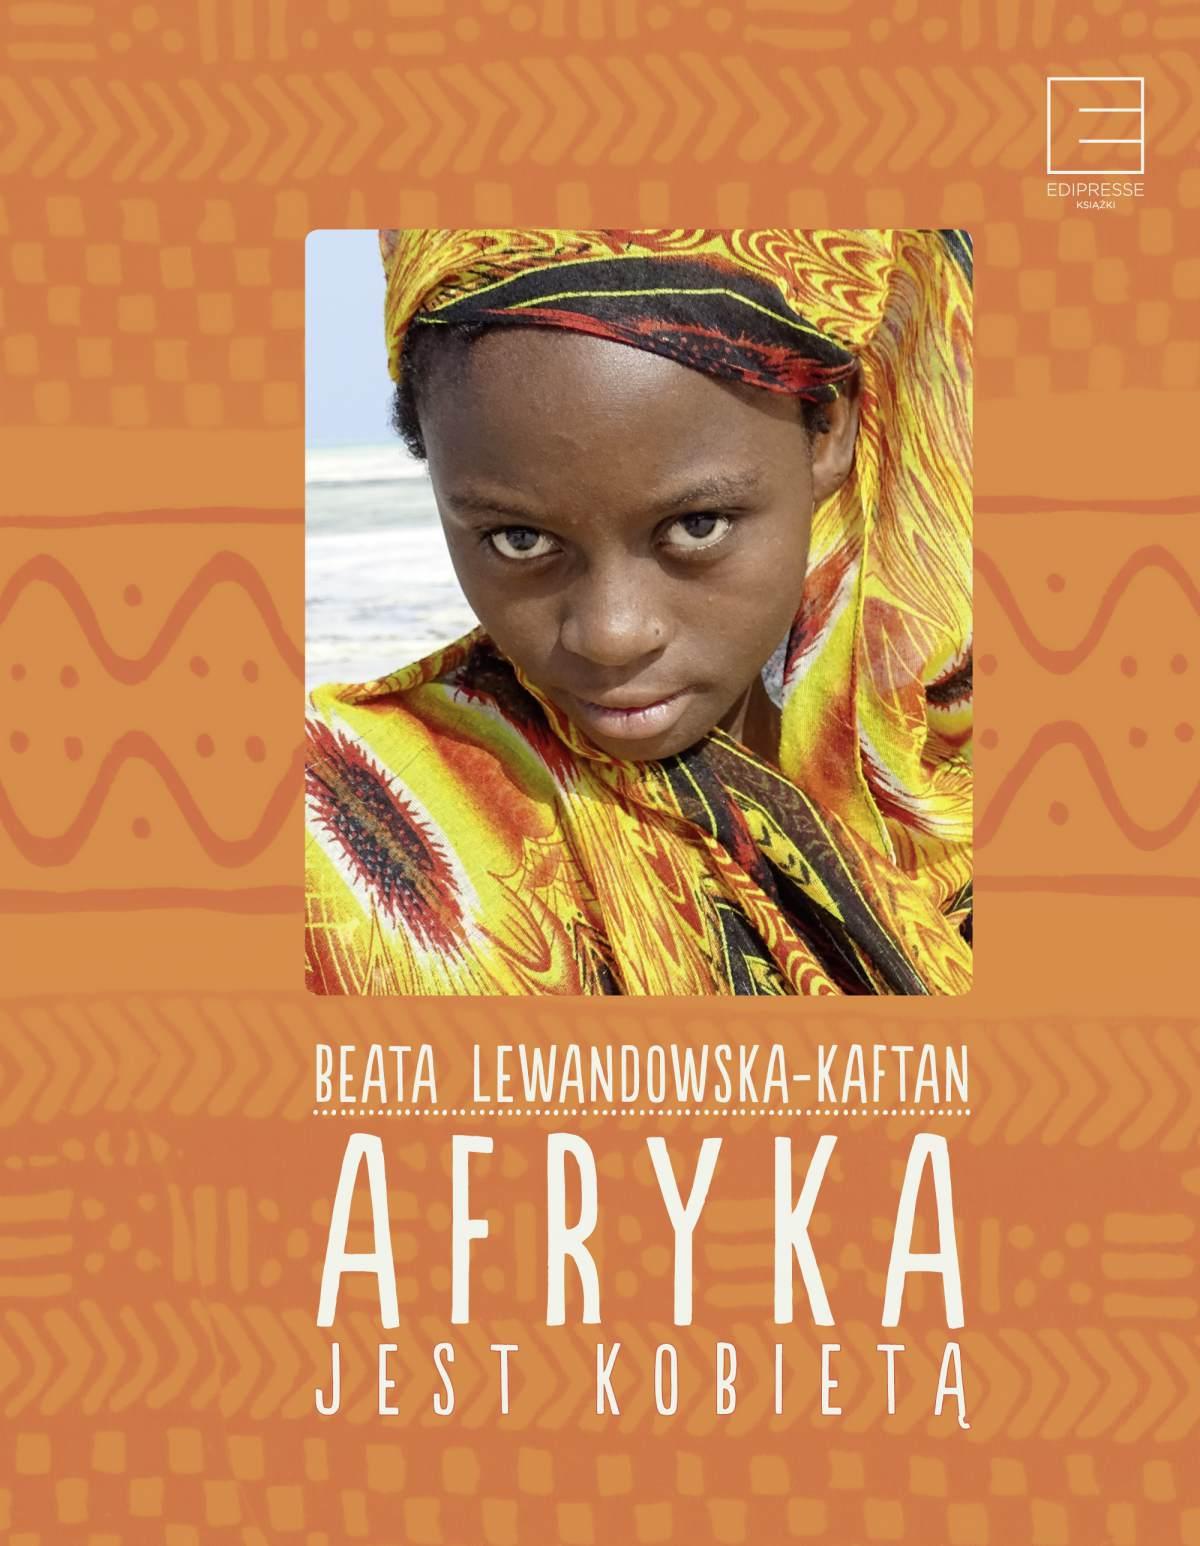 Afryka jest kobietą - Ebook (Książka EPUB) do pobrania w formacie EPUB